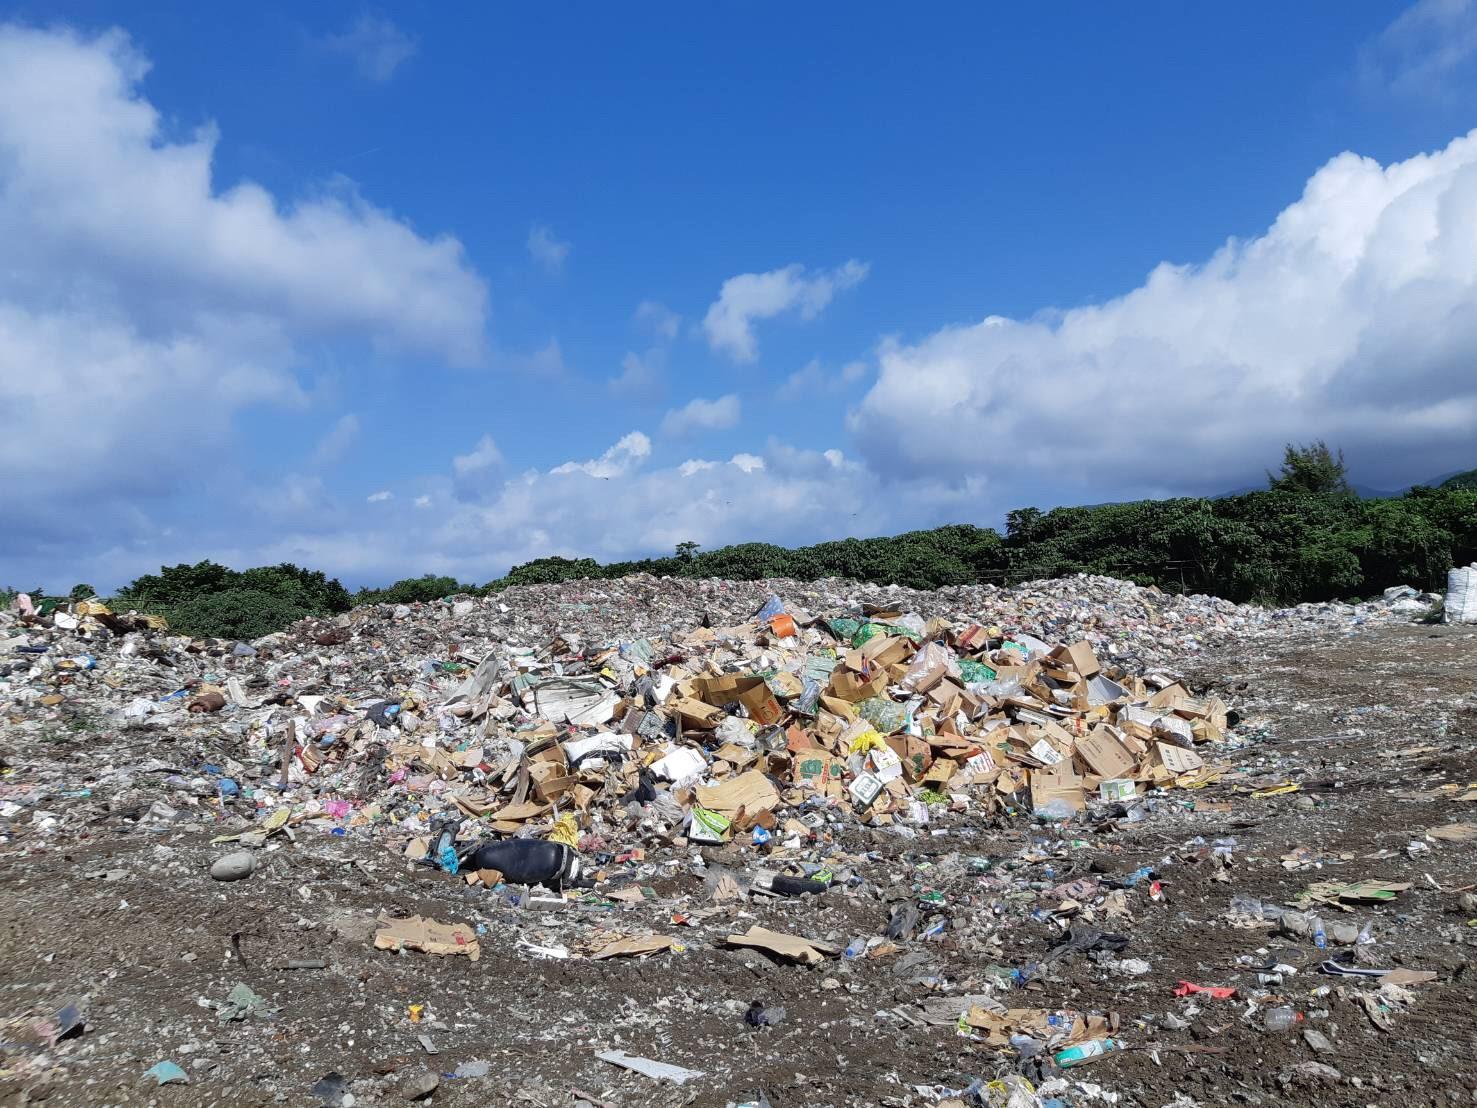 《陽光、沙灘、海邊之外:離島的垃圾危機》(圖:蘭嶼鄉清潔隊長鄧雅心提供) 陽光、沙灘、海邊之外:離島的垃圾危機